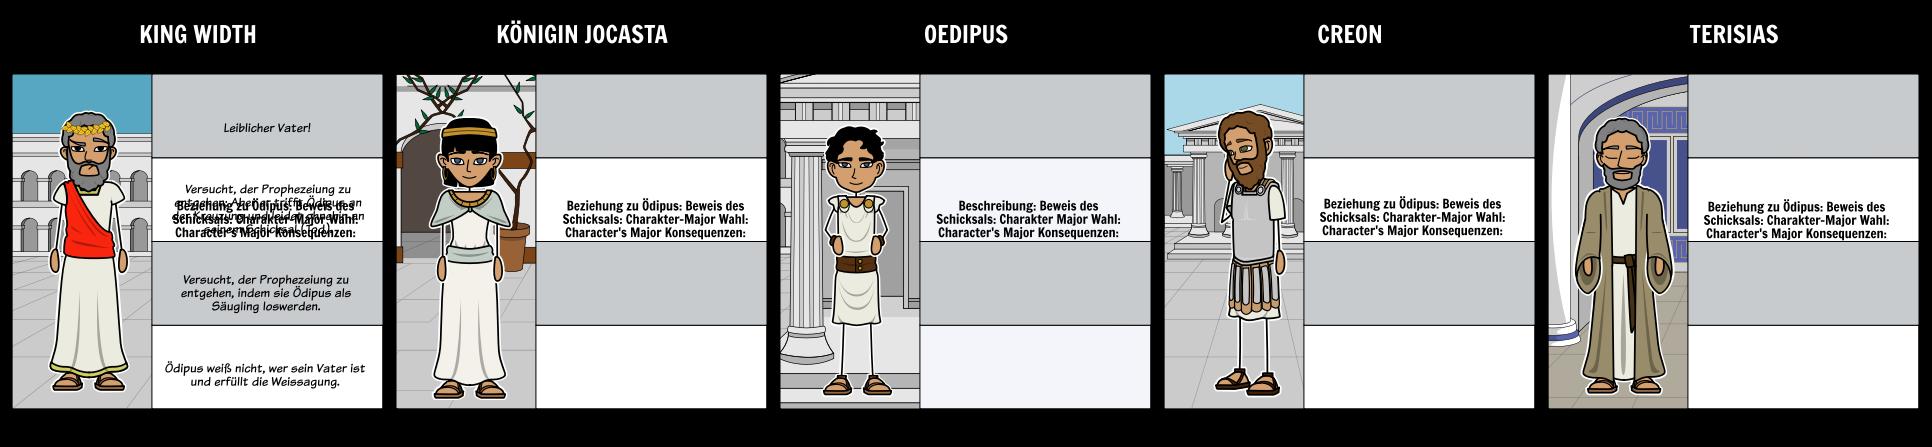 Oedipus - Buchstaben <br>